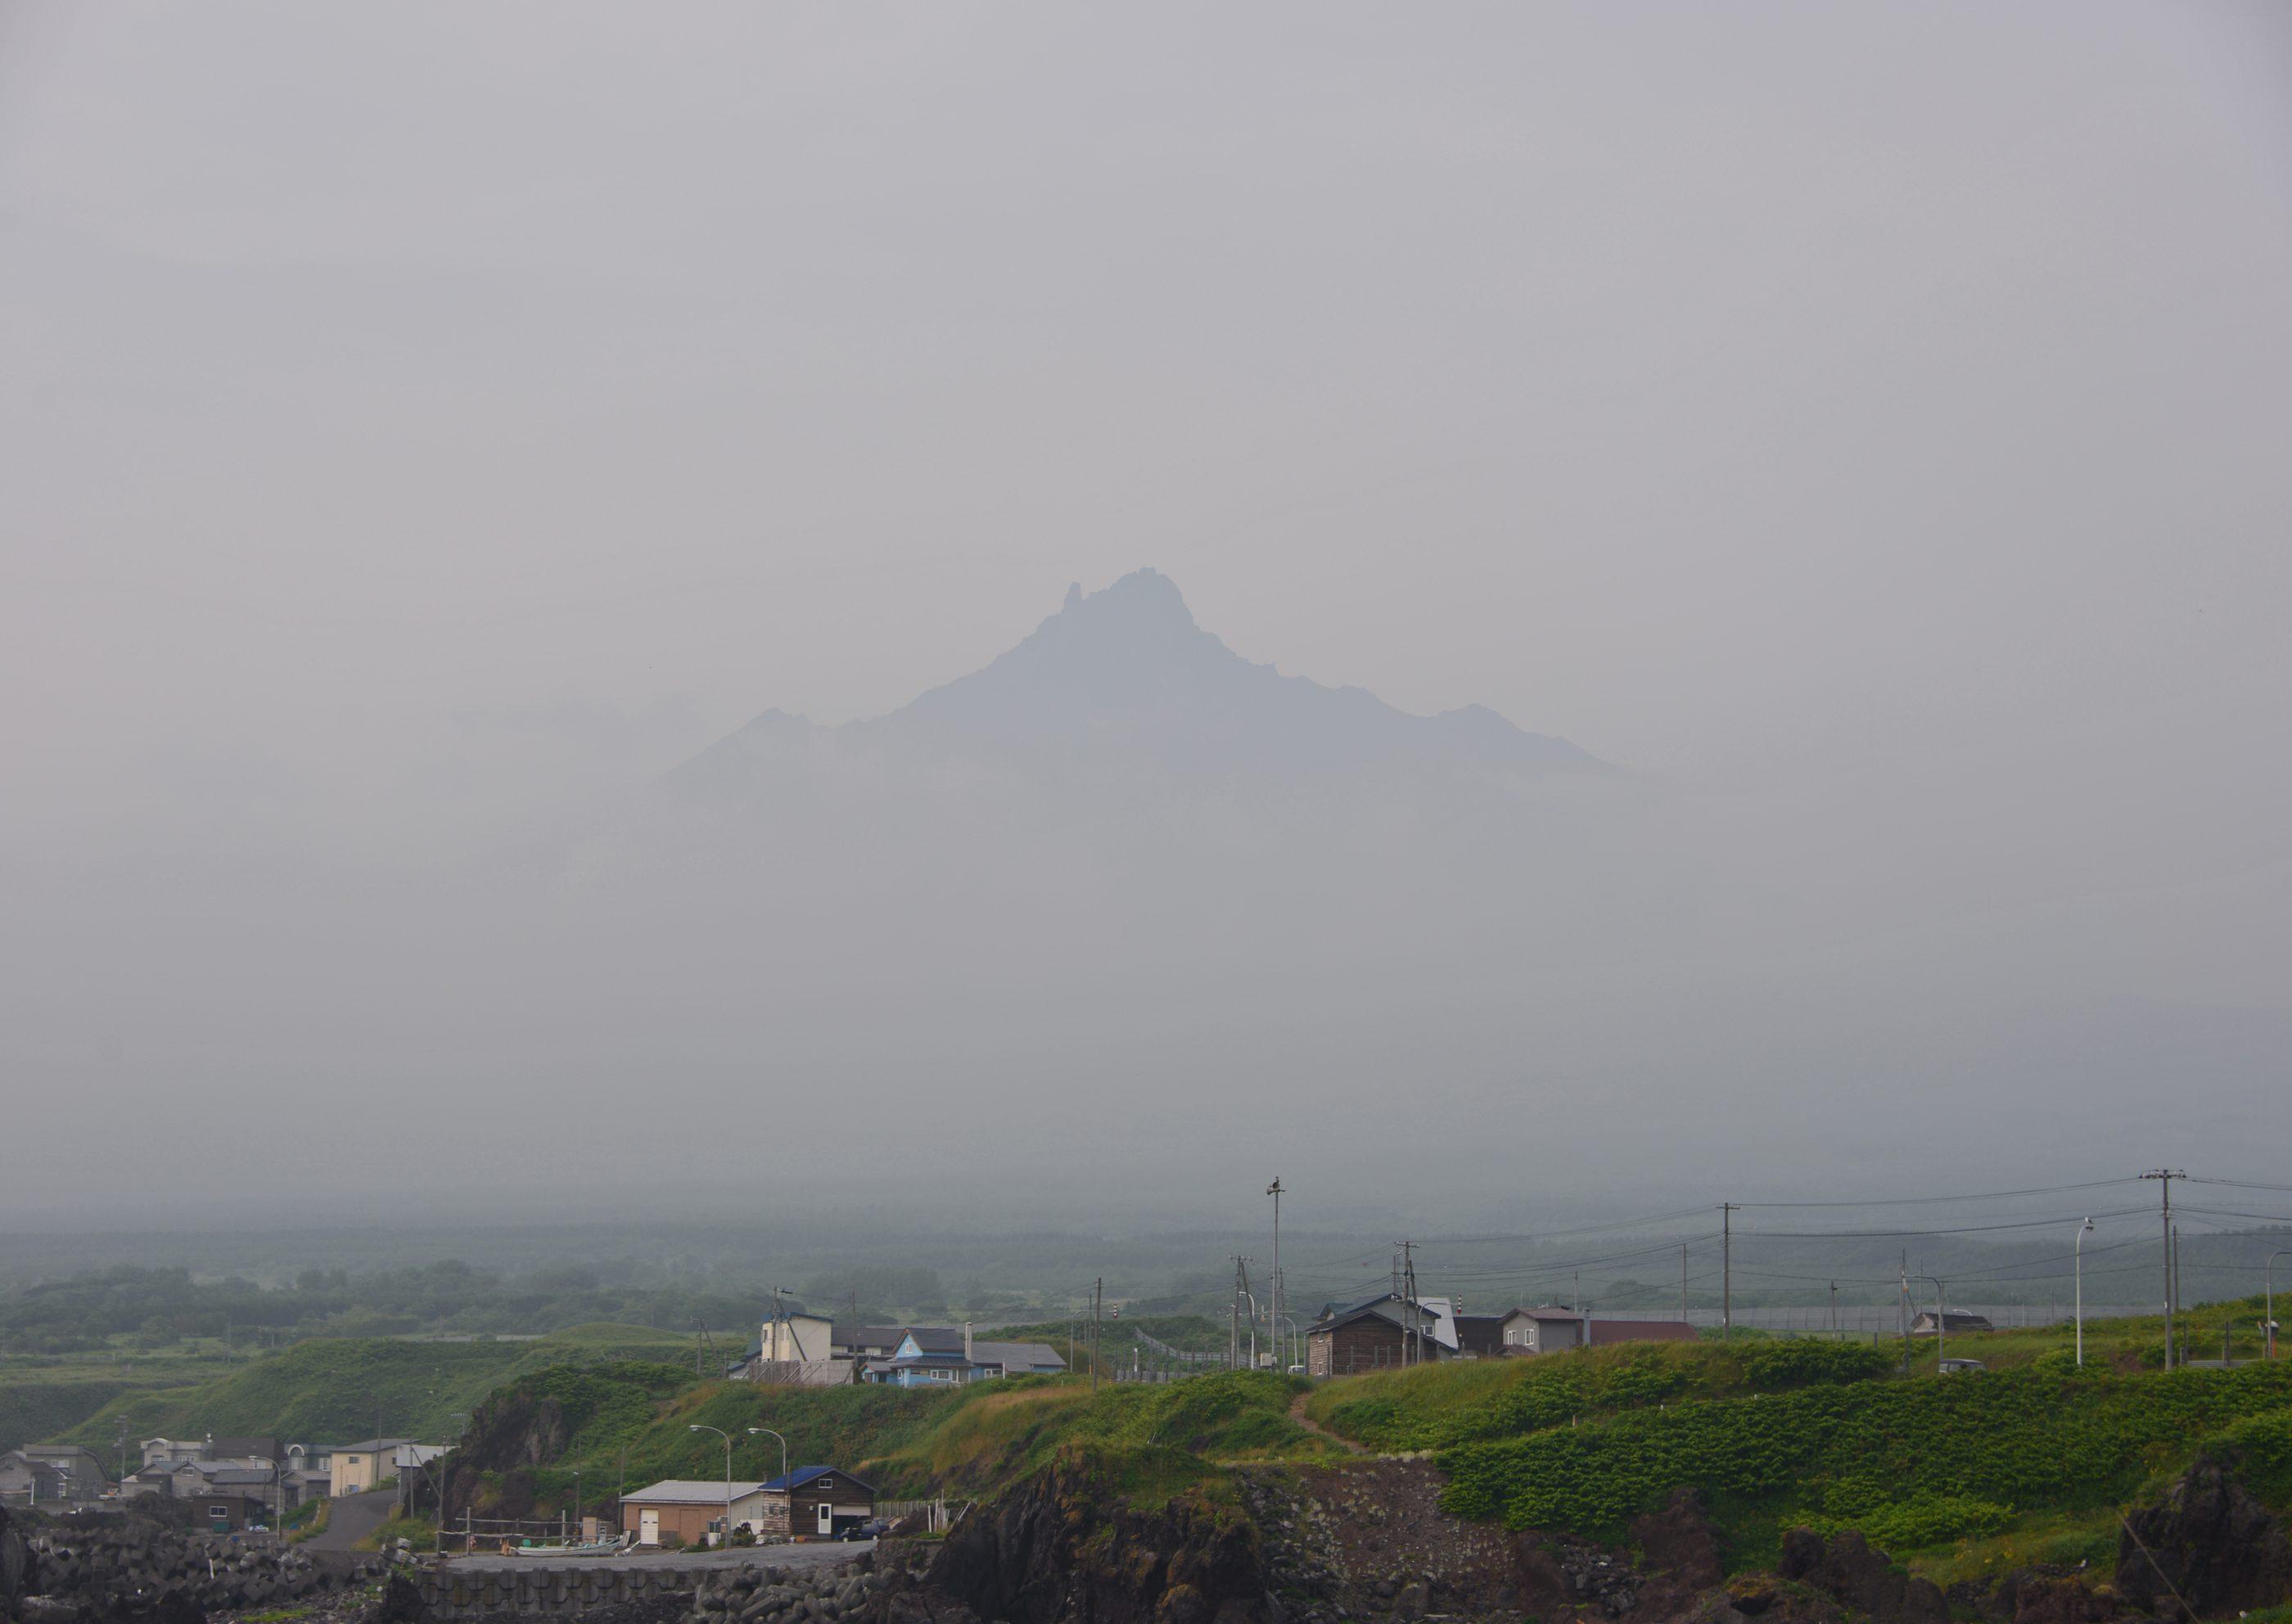 ⇑ この日は一日中利尻山が見えなかったが帰り際、霧が晴れ神秘的な姿を現わした。